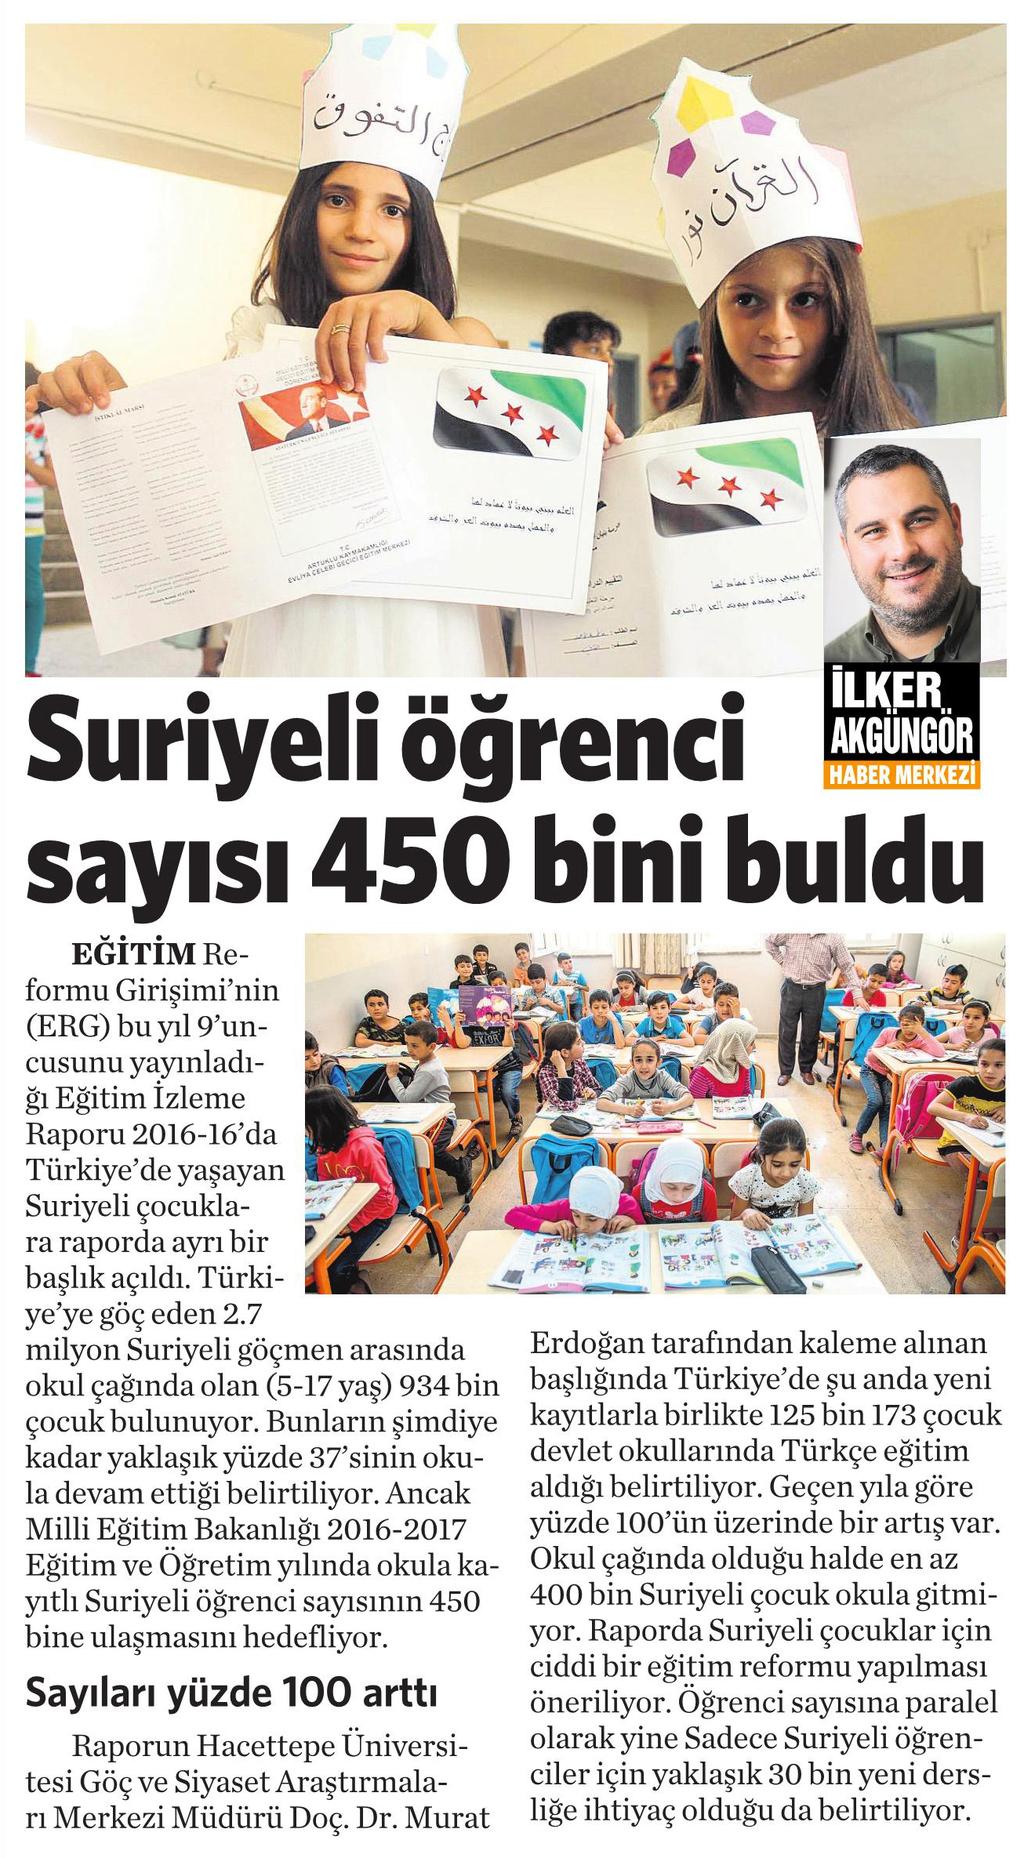 19 Kasım 2016 Vatan Gazetesi 6. sayfa